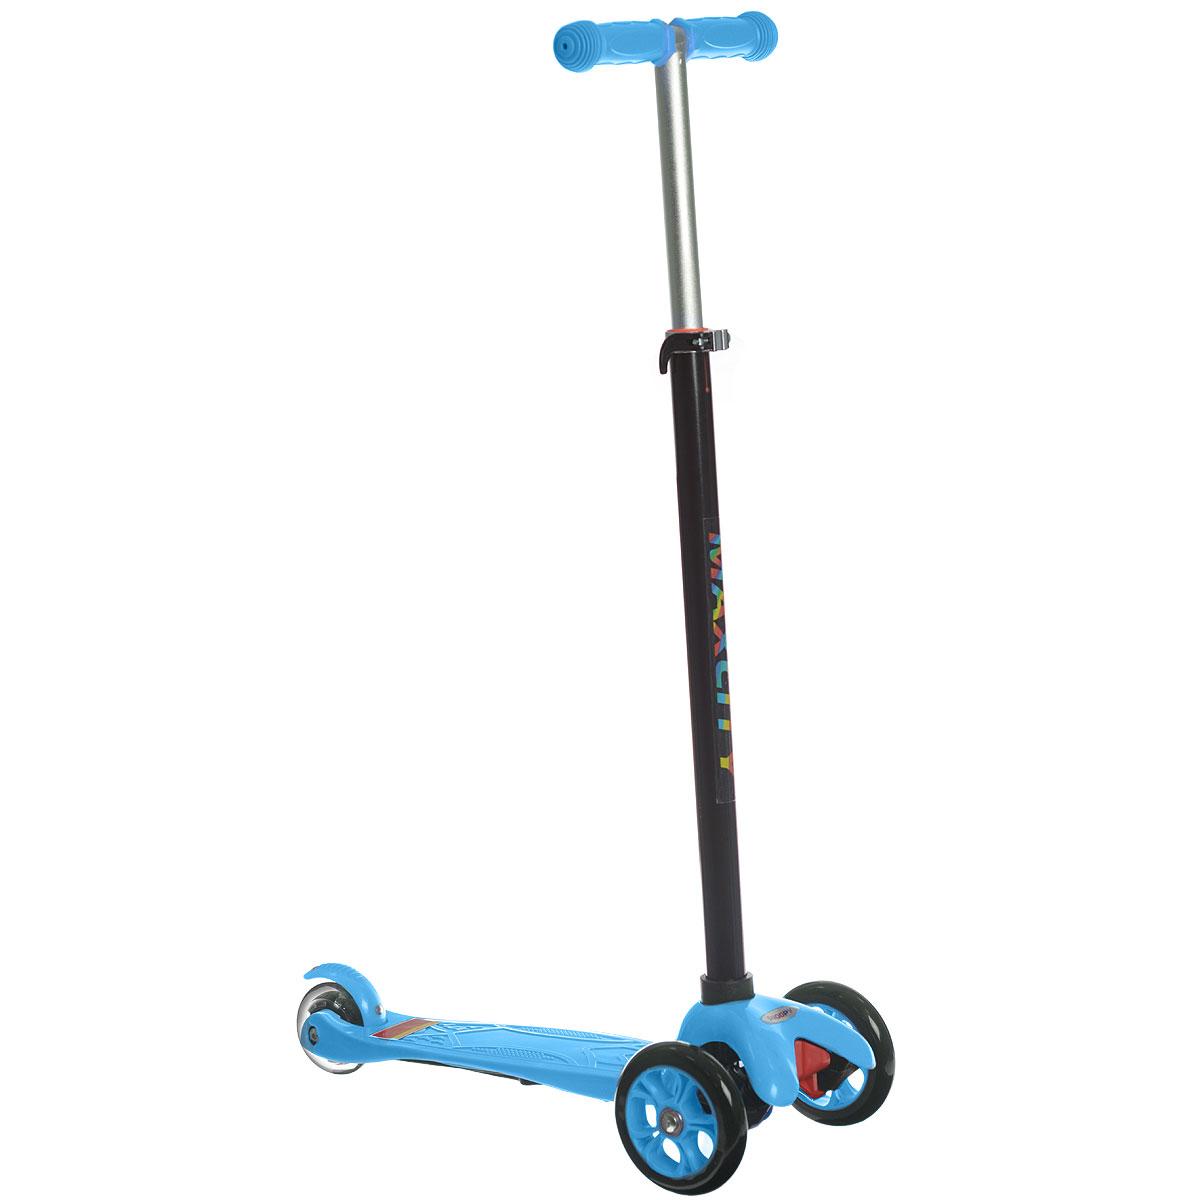 Самокат трехколесный MaxCity Snoopy, цвет: синийSNOOPYСамокат MaxCity Snoopy предназначается для самых маленьких. Детки в возрасте от трех до пяти лет придут в неописуемый восторг от подобного подарка! Самокат изготовлен из сверхпрочных современных материалов. Поэтому он легко выдерживает вес 30 кг! Вы можете полностью быть уверены в безопасности вашего малыша.У самоката имеется три колеса, поэтому он обладает отличной устойчивостью! Оснащен пяточным тормозом. Заднее колесо светится при езде. Процесс обучения езде на самокате обладает прекрасным плюсом. Чтобы научиться кататься, ребенку не требуется тренер, который должен на первых порах все время находиться рядом, как было бы при обучении катанию на велосипеде. Это легко объясняется конструкцией данной модели самоката. Ваш малыш сможет быстро освоить, как нужно кататься. Он ни разу при этом не упадет! Детский транспорт способен приносить ребенку лишь радость.